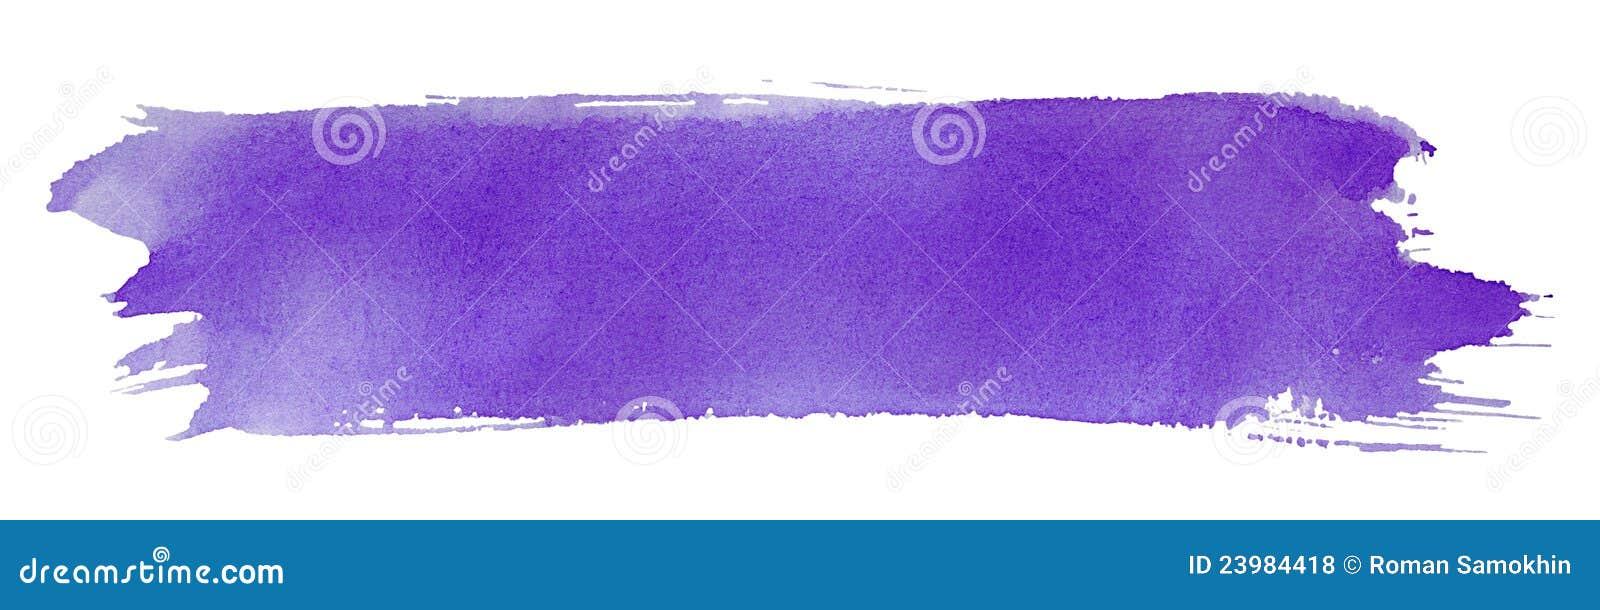 Movimiento violeta del cepillo de pintura